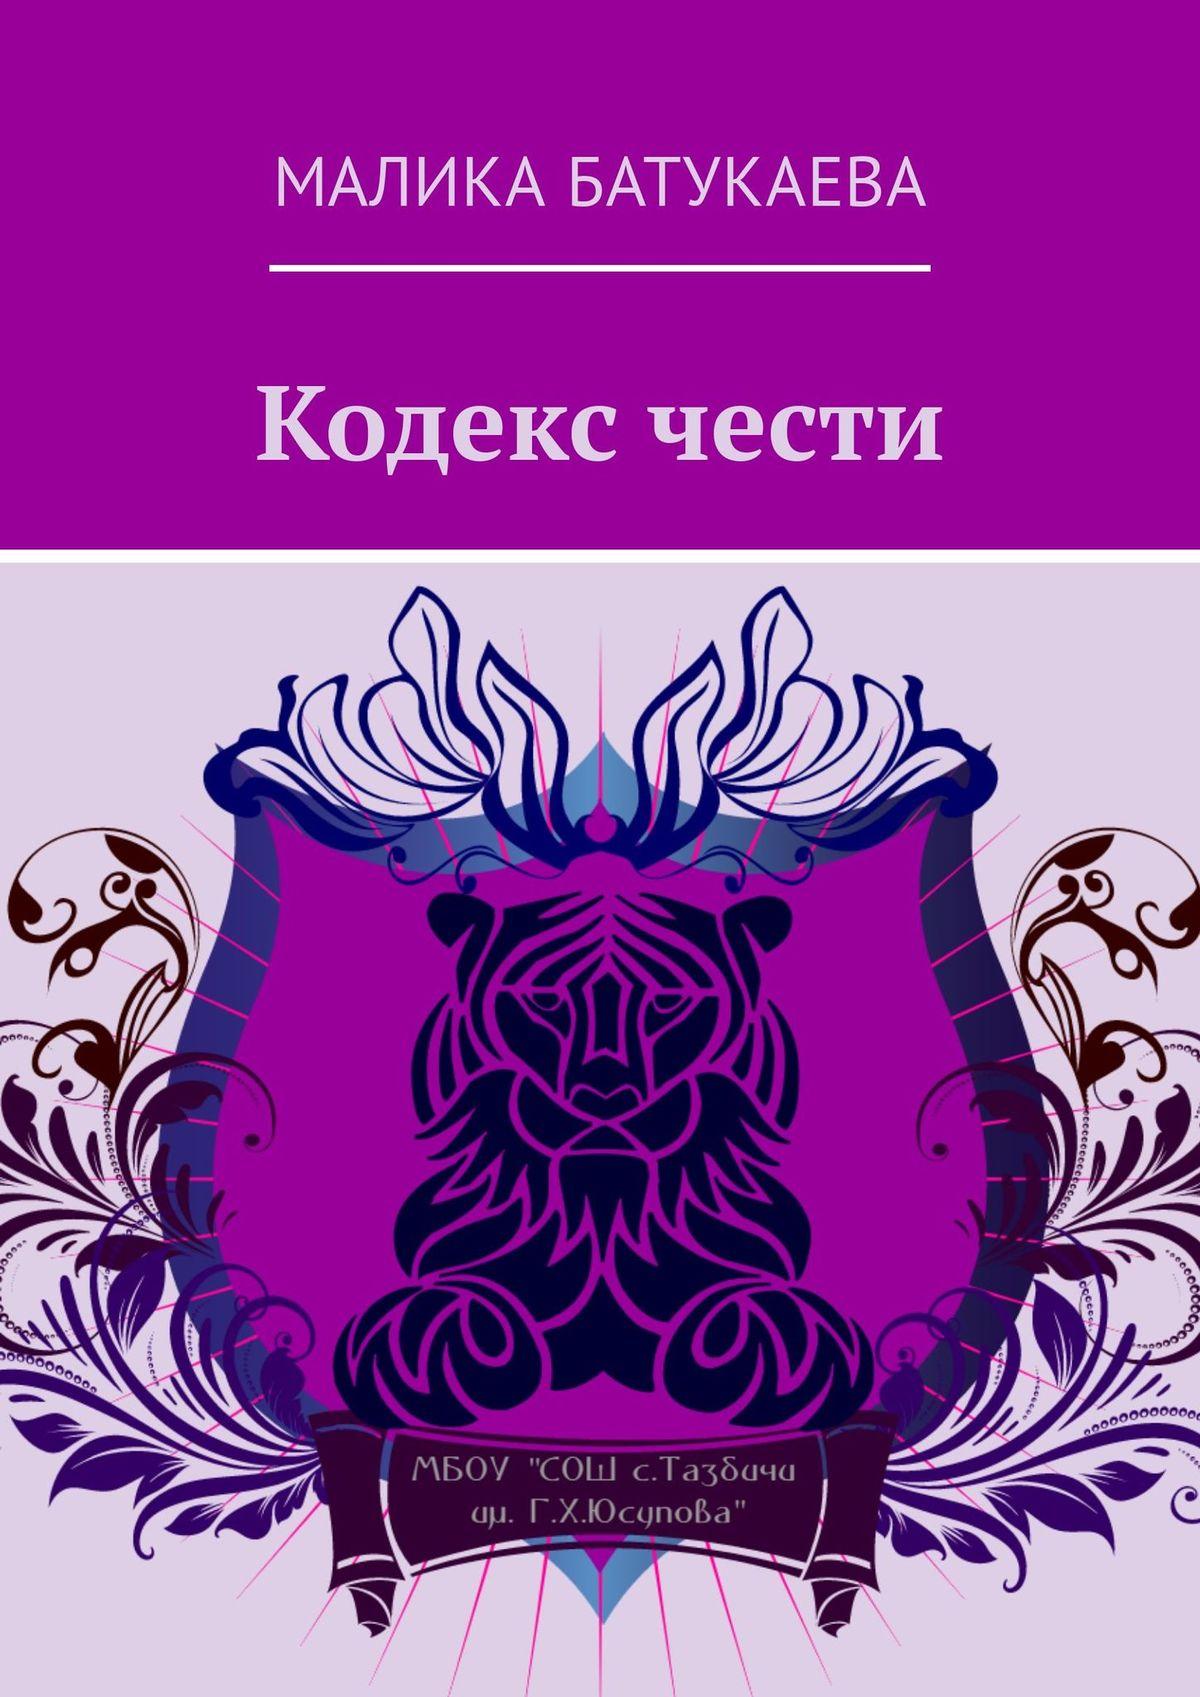 Малика Батукаева Кодекс чести александр пушкин кодекс чести русского офицера сборник